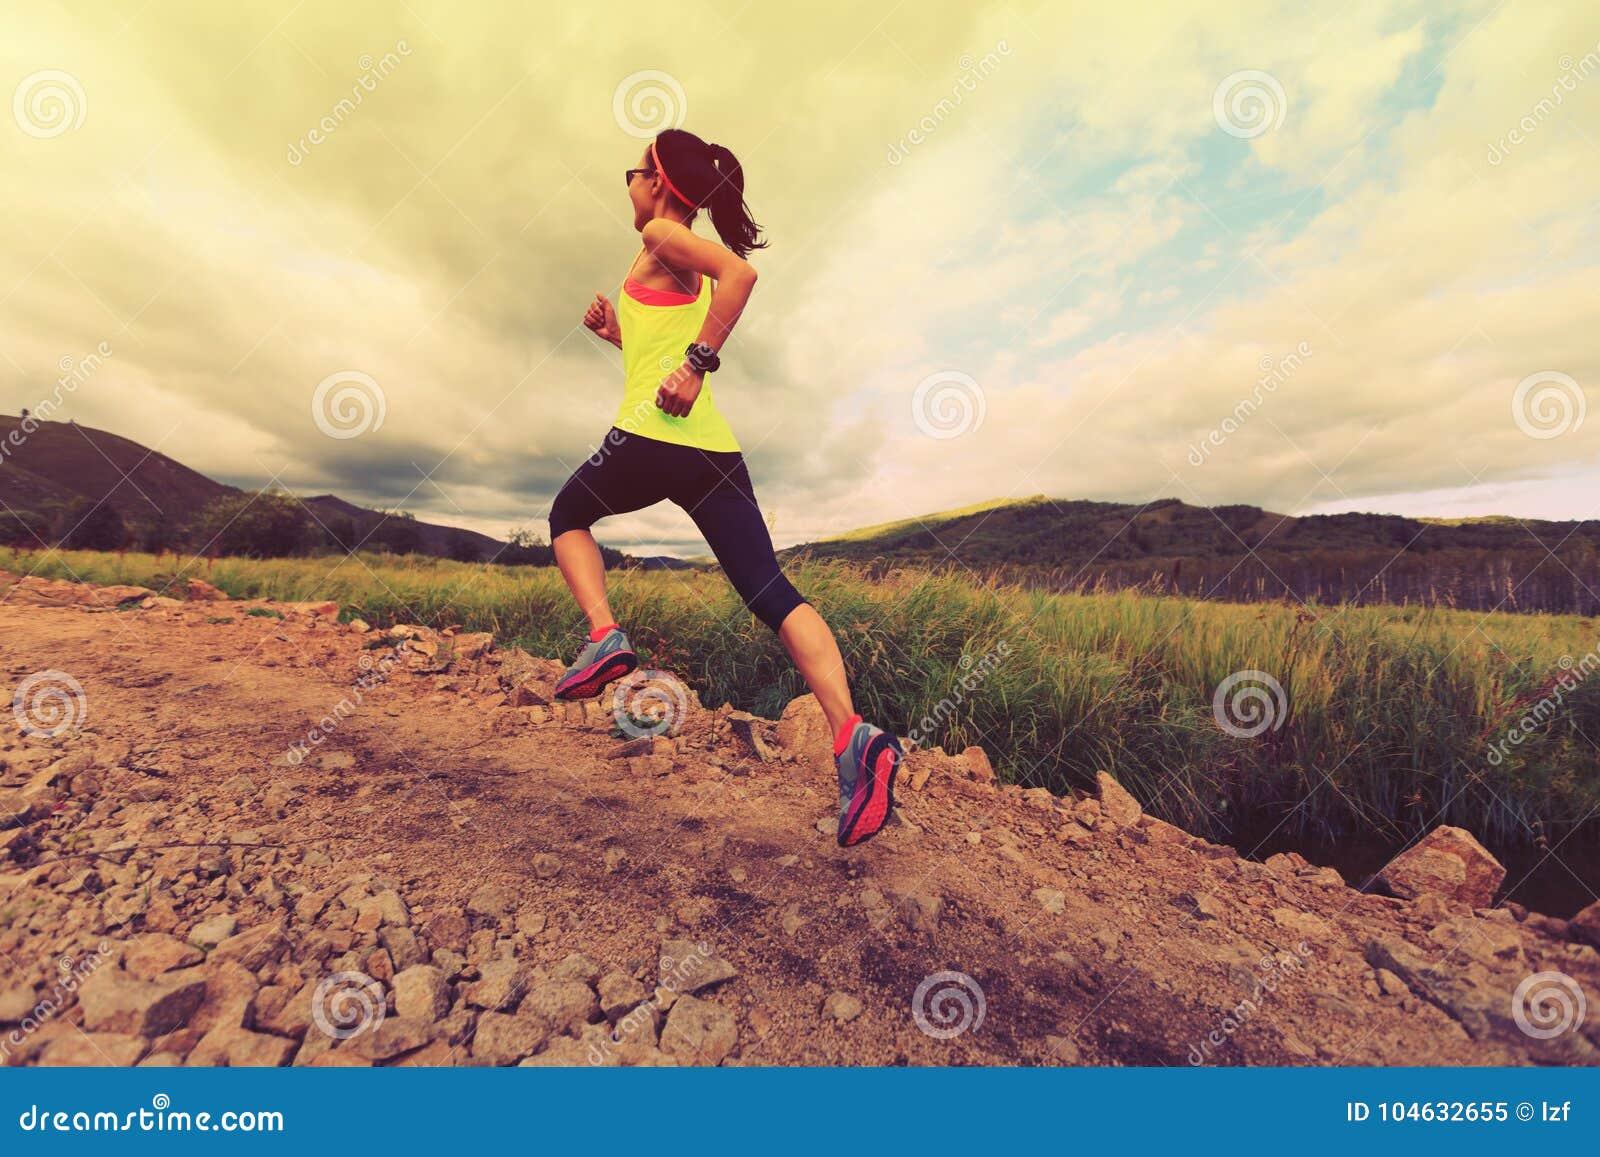 Download Vrouw Die Op Bossleep Lopen Stock Afbeelding - Afbeelding bestaande uit avontuur, activiteit: 104632655